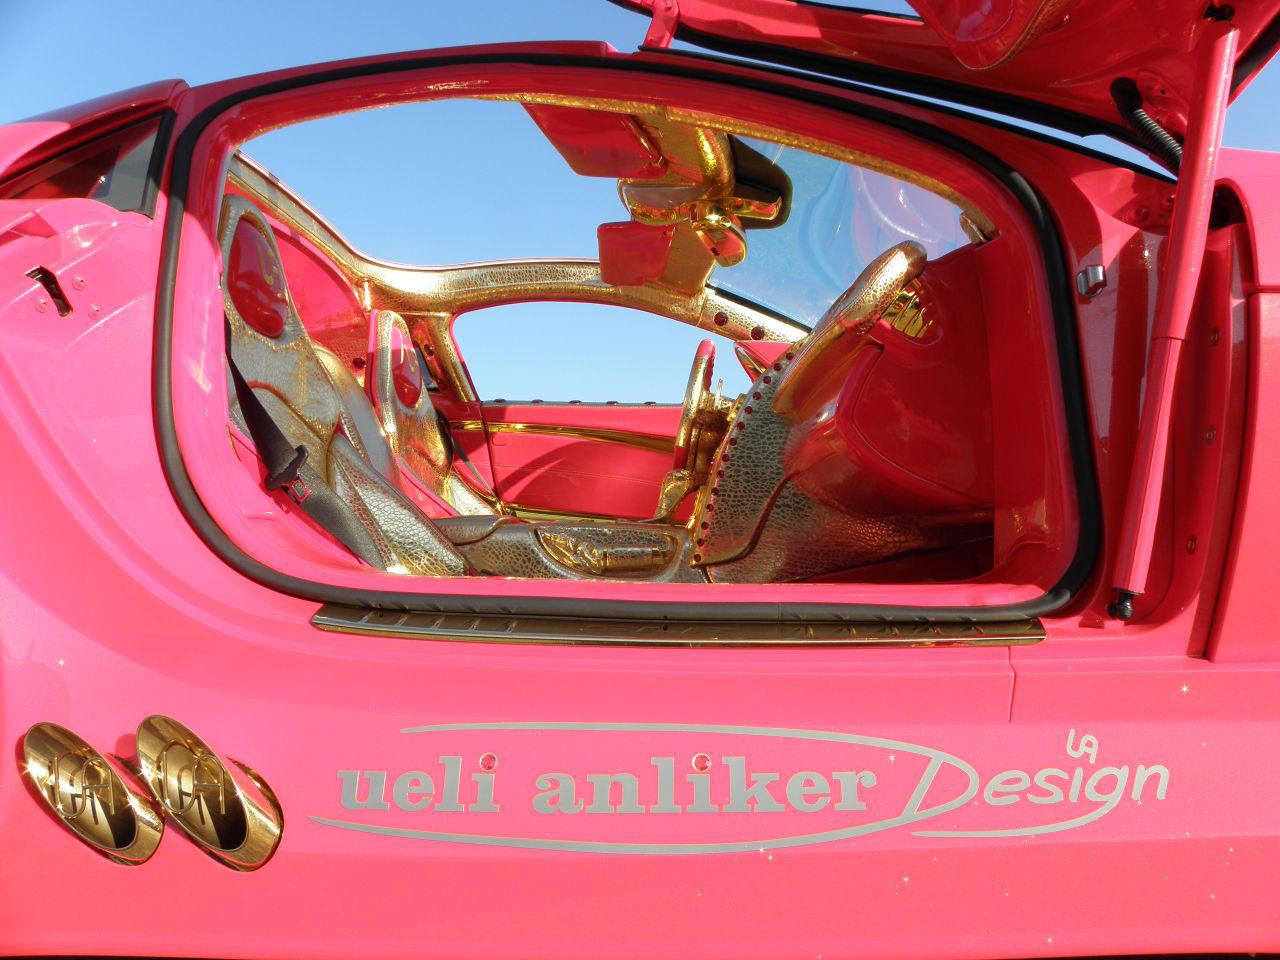 http://www.extravaganzi.com/wp-content/uploads/2011/12/Mercedes-SLR-McLaren-999-Red-Gold-Dream-8.jpg